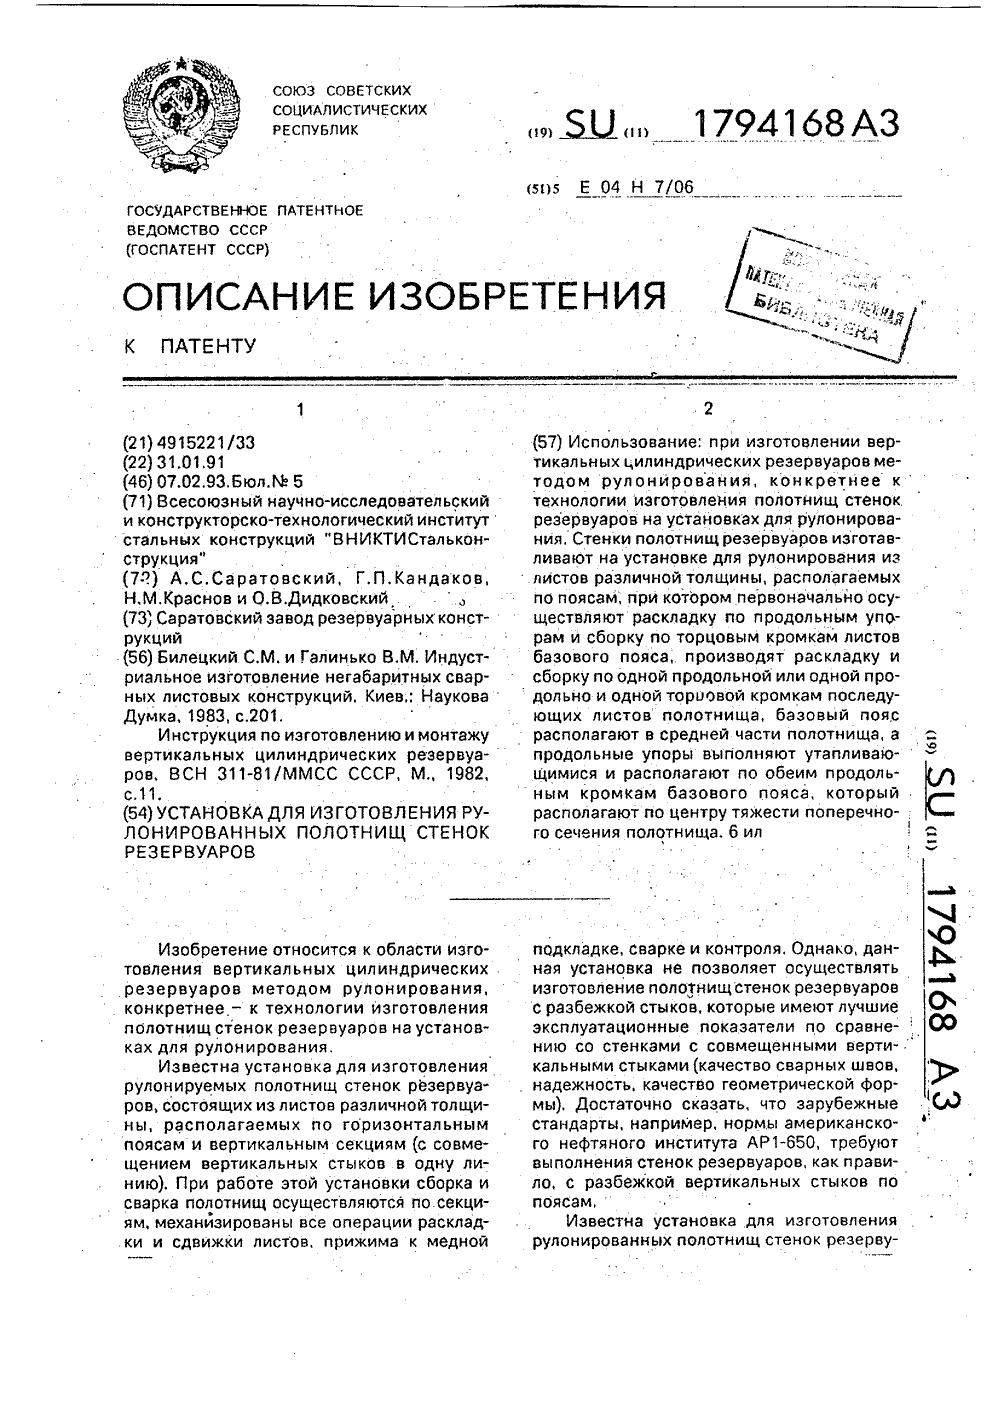 ВСН311-81 СКАЧАТЬ БЕСПЛАТНО